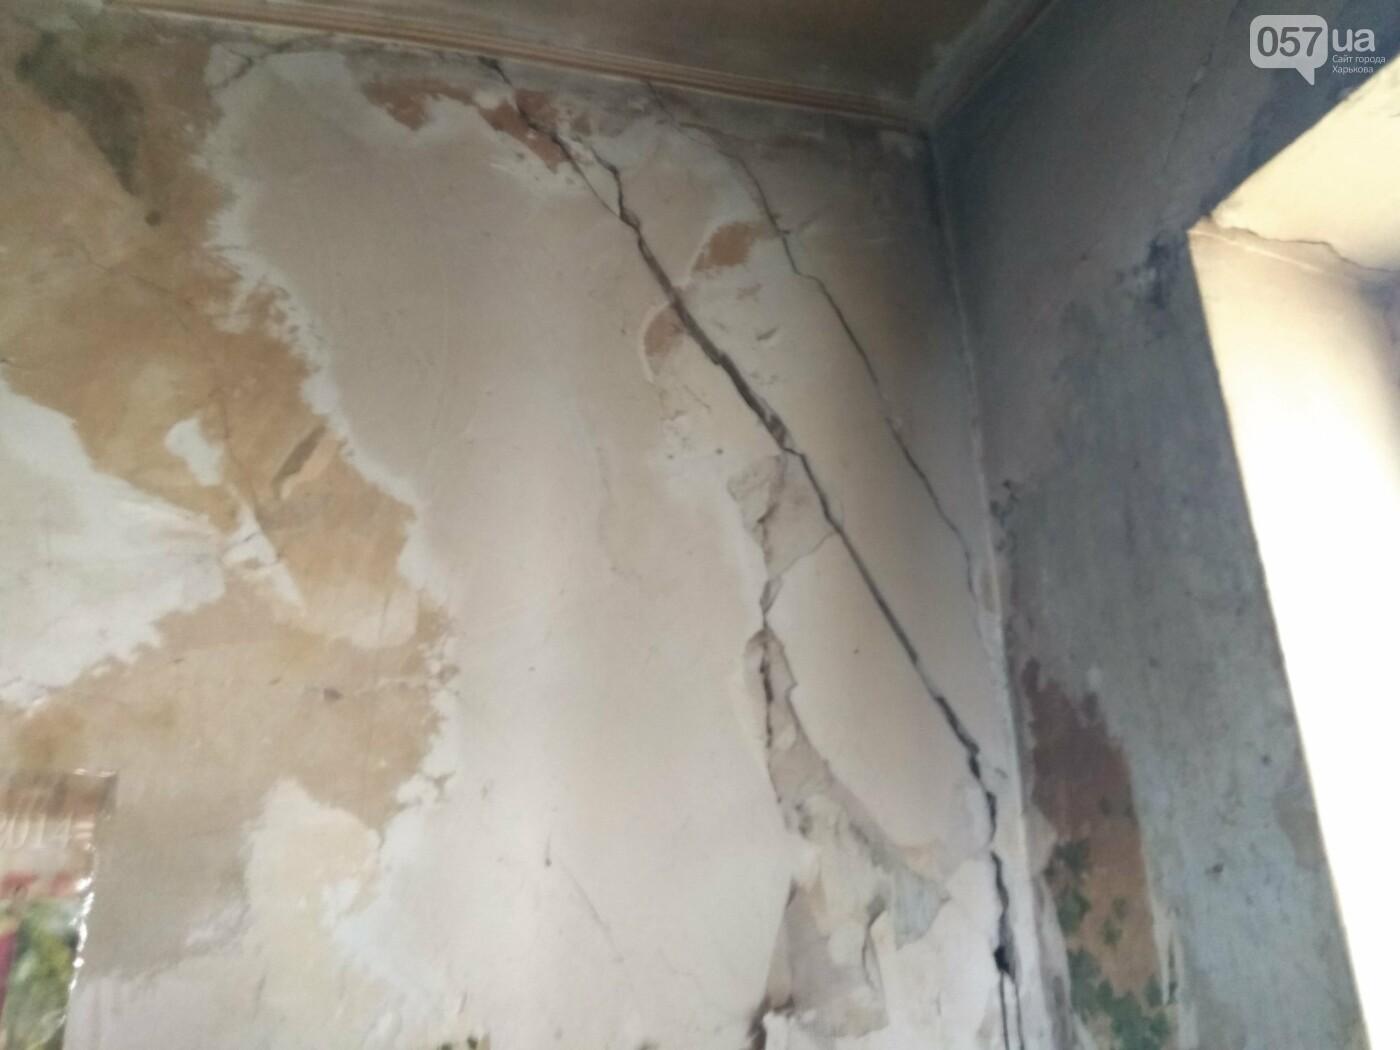 10 лет без ремонта: почему в Харькове не спешат восстанавливать аварийный дом, - ФОТО, фото-25